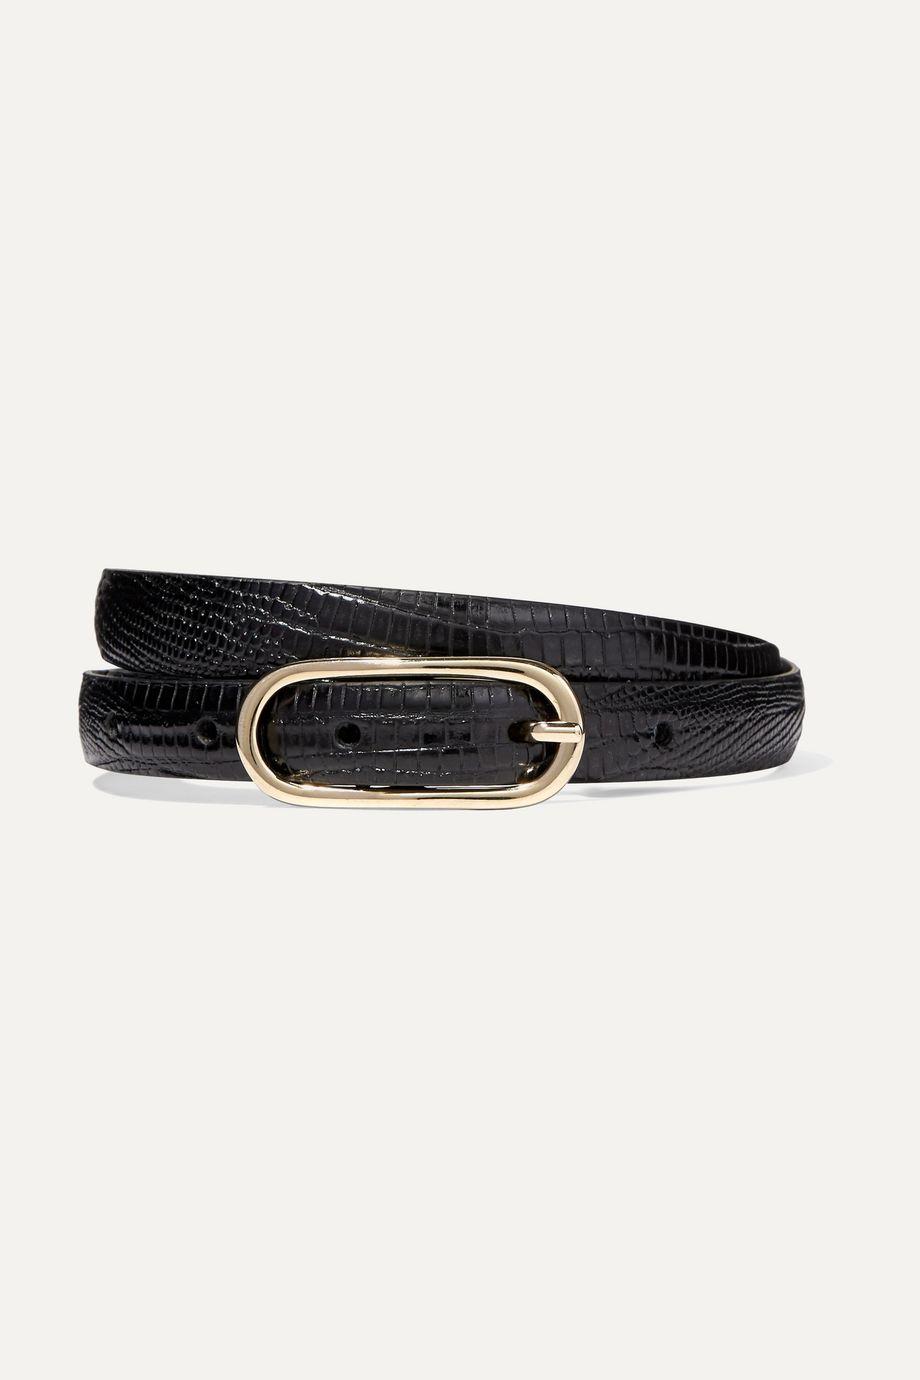 Anderson's Lizard-effect leather belt